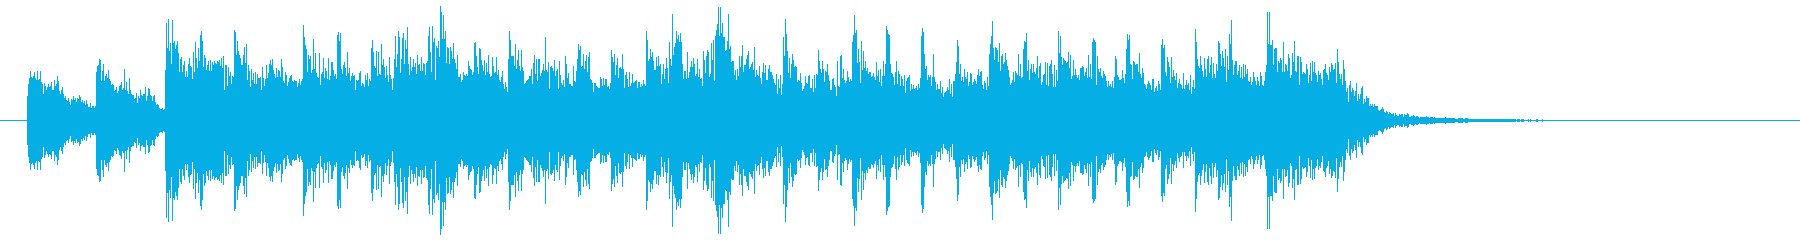 鐘の音がさわやかなポップミュージックの再生済みの波形